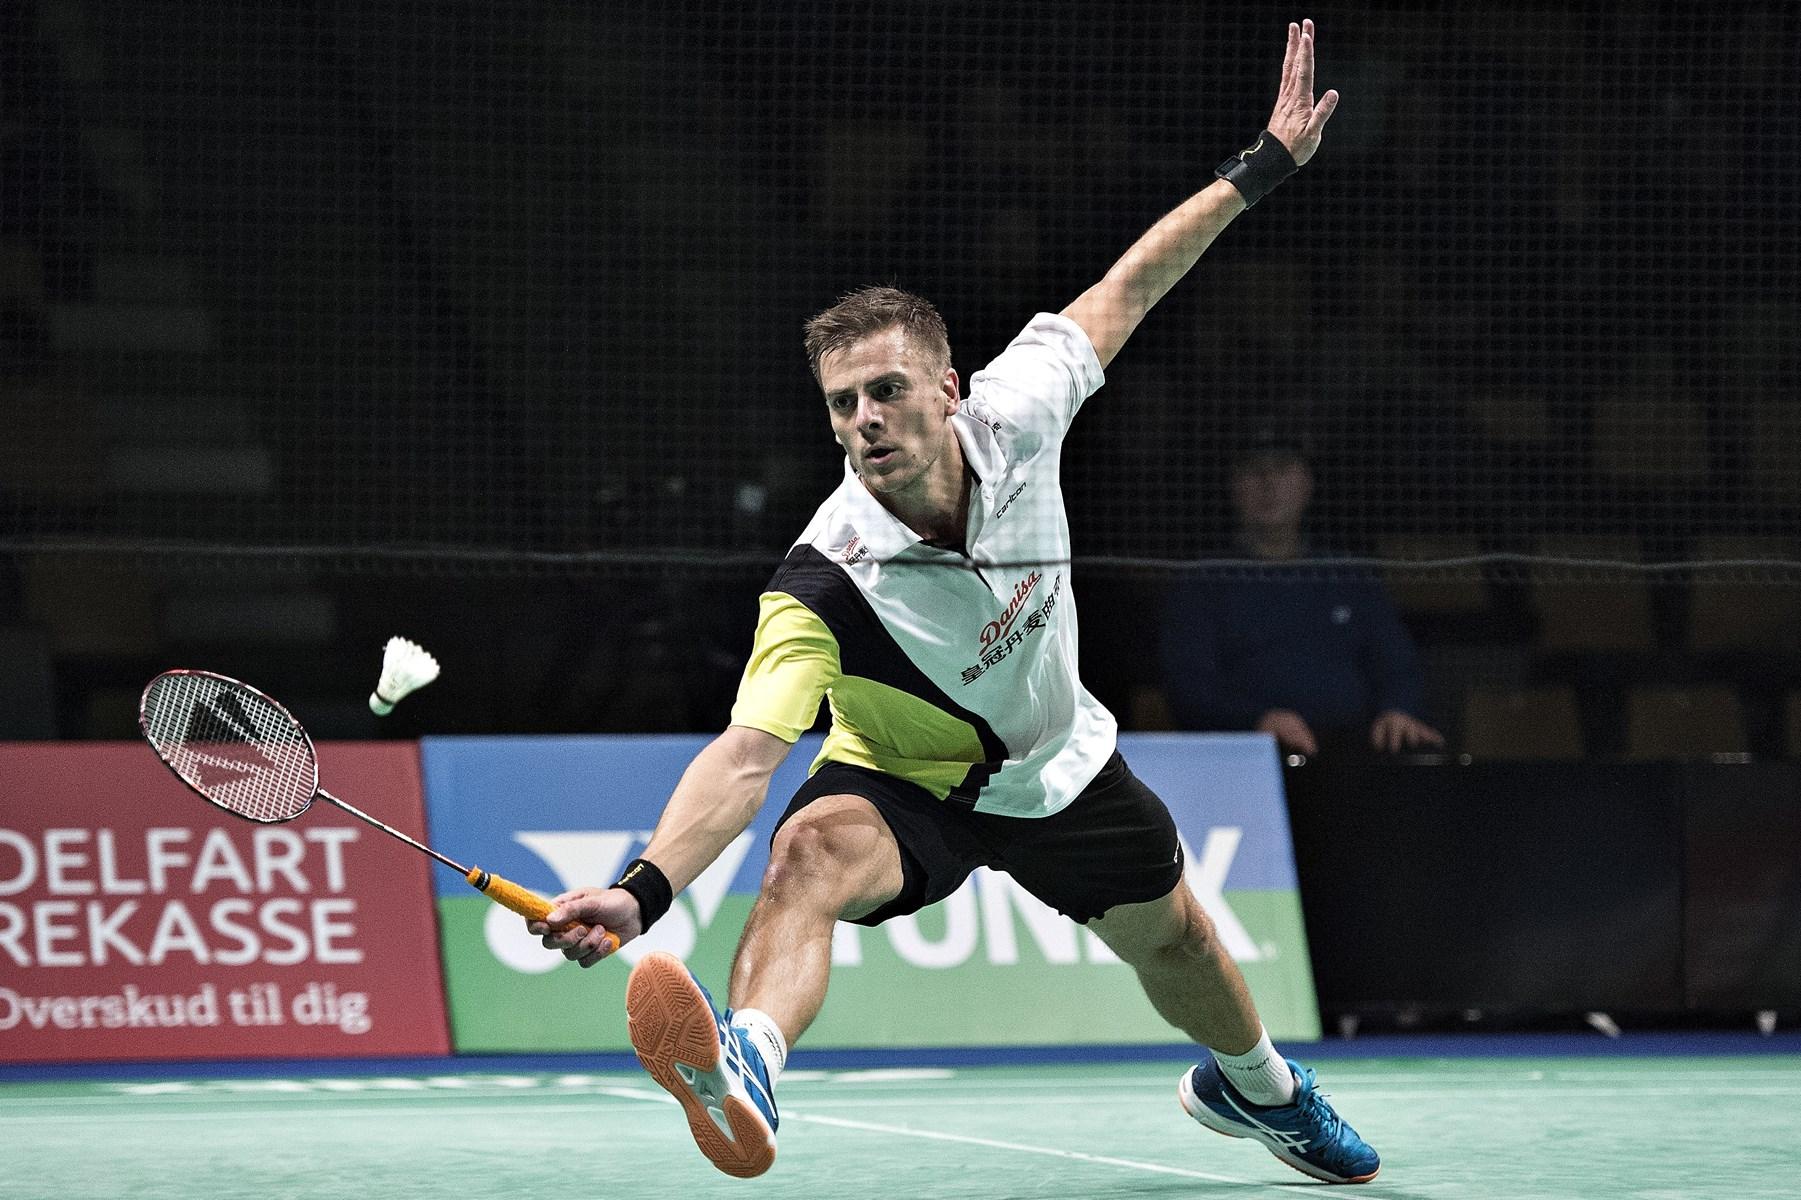 økonomisk boom kan forlænge badmintonlivet